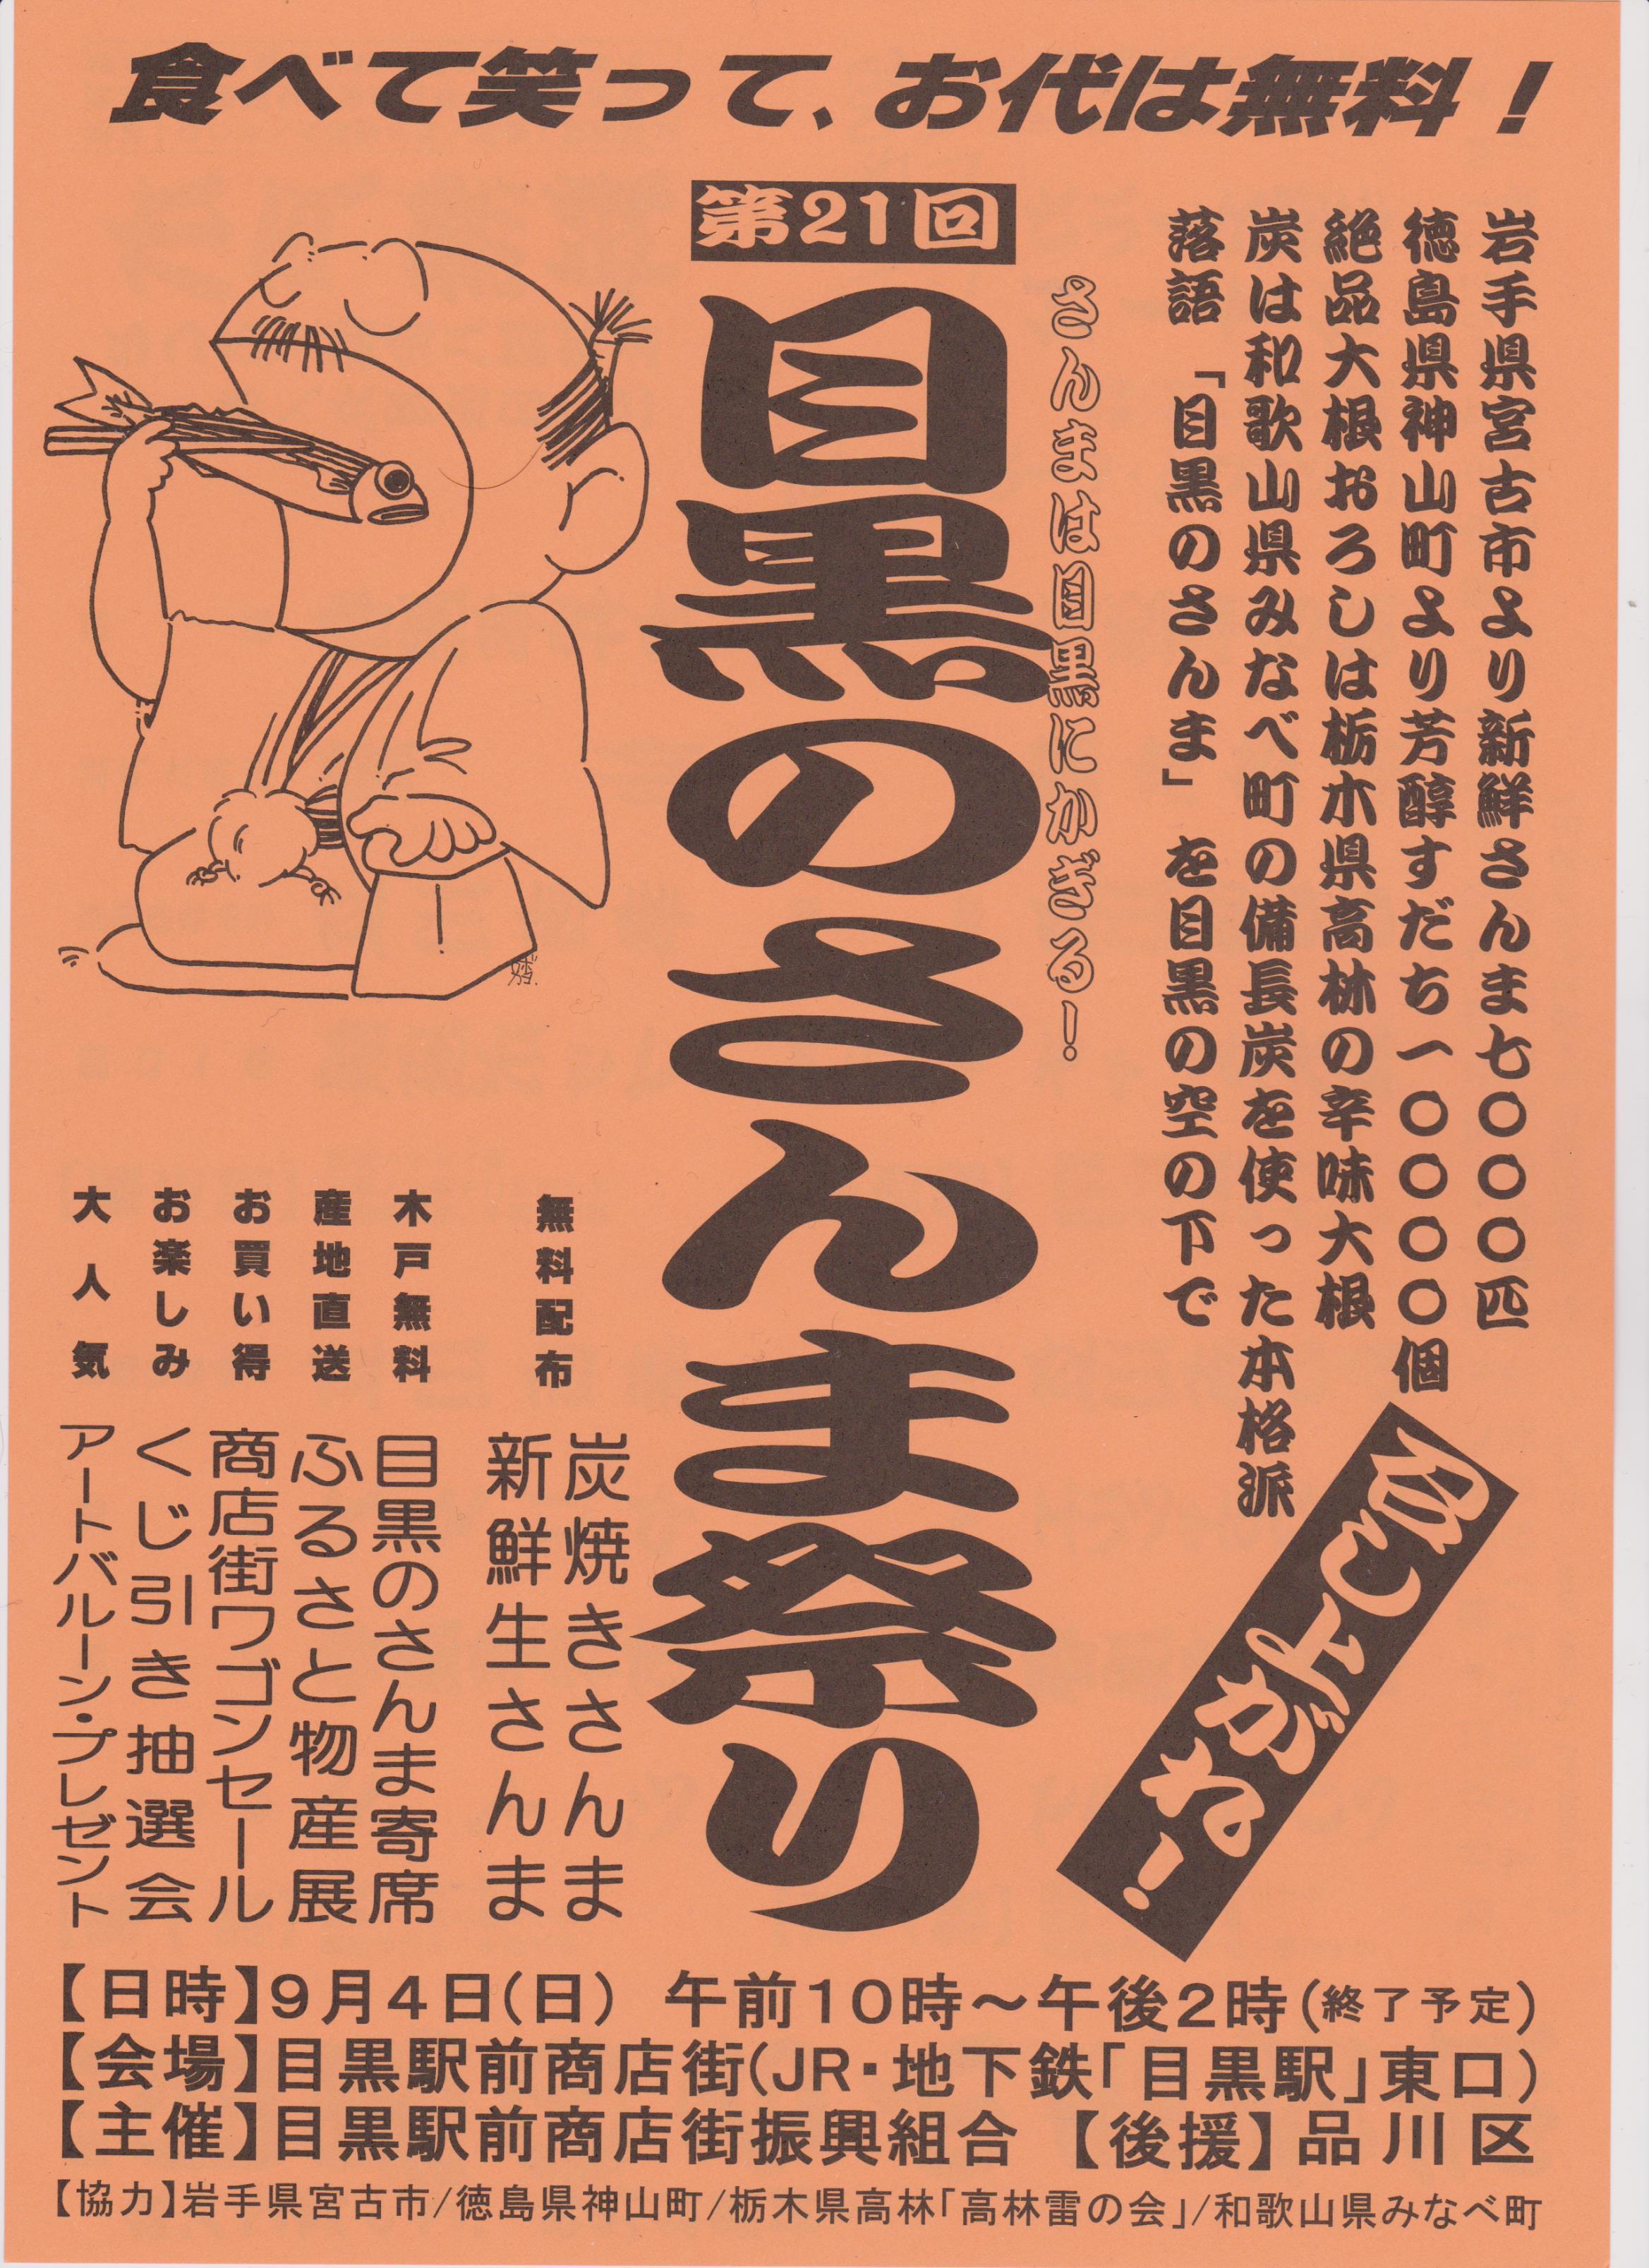 東京・目黒のさんま祭りでさんまが食べ放題。9/10 AM10-14時。さんまを食べる行列待ちが3~5時間って買ったほうが早いよな。